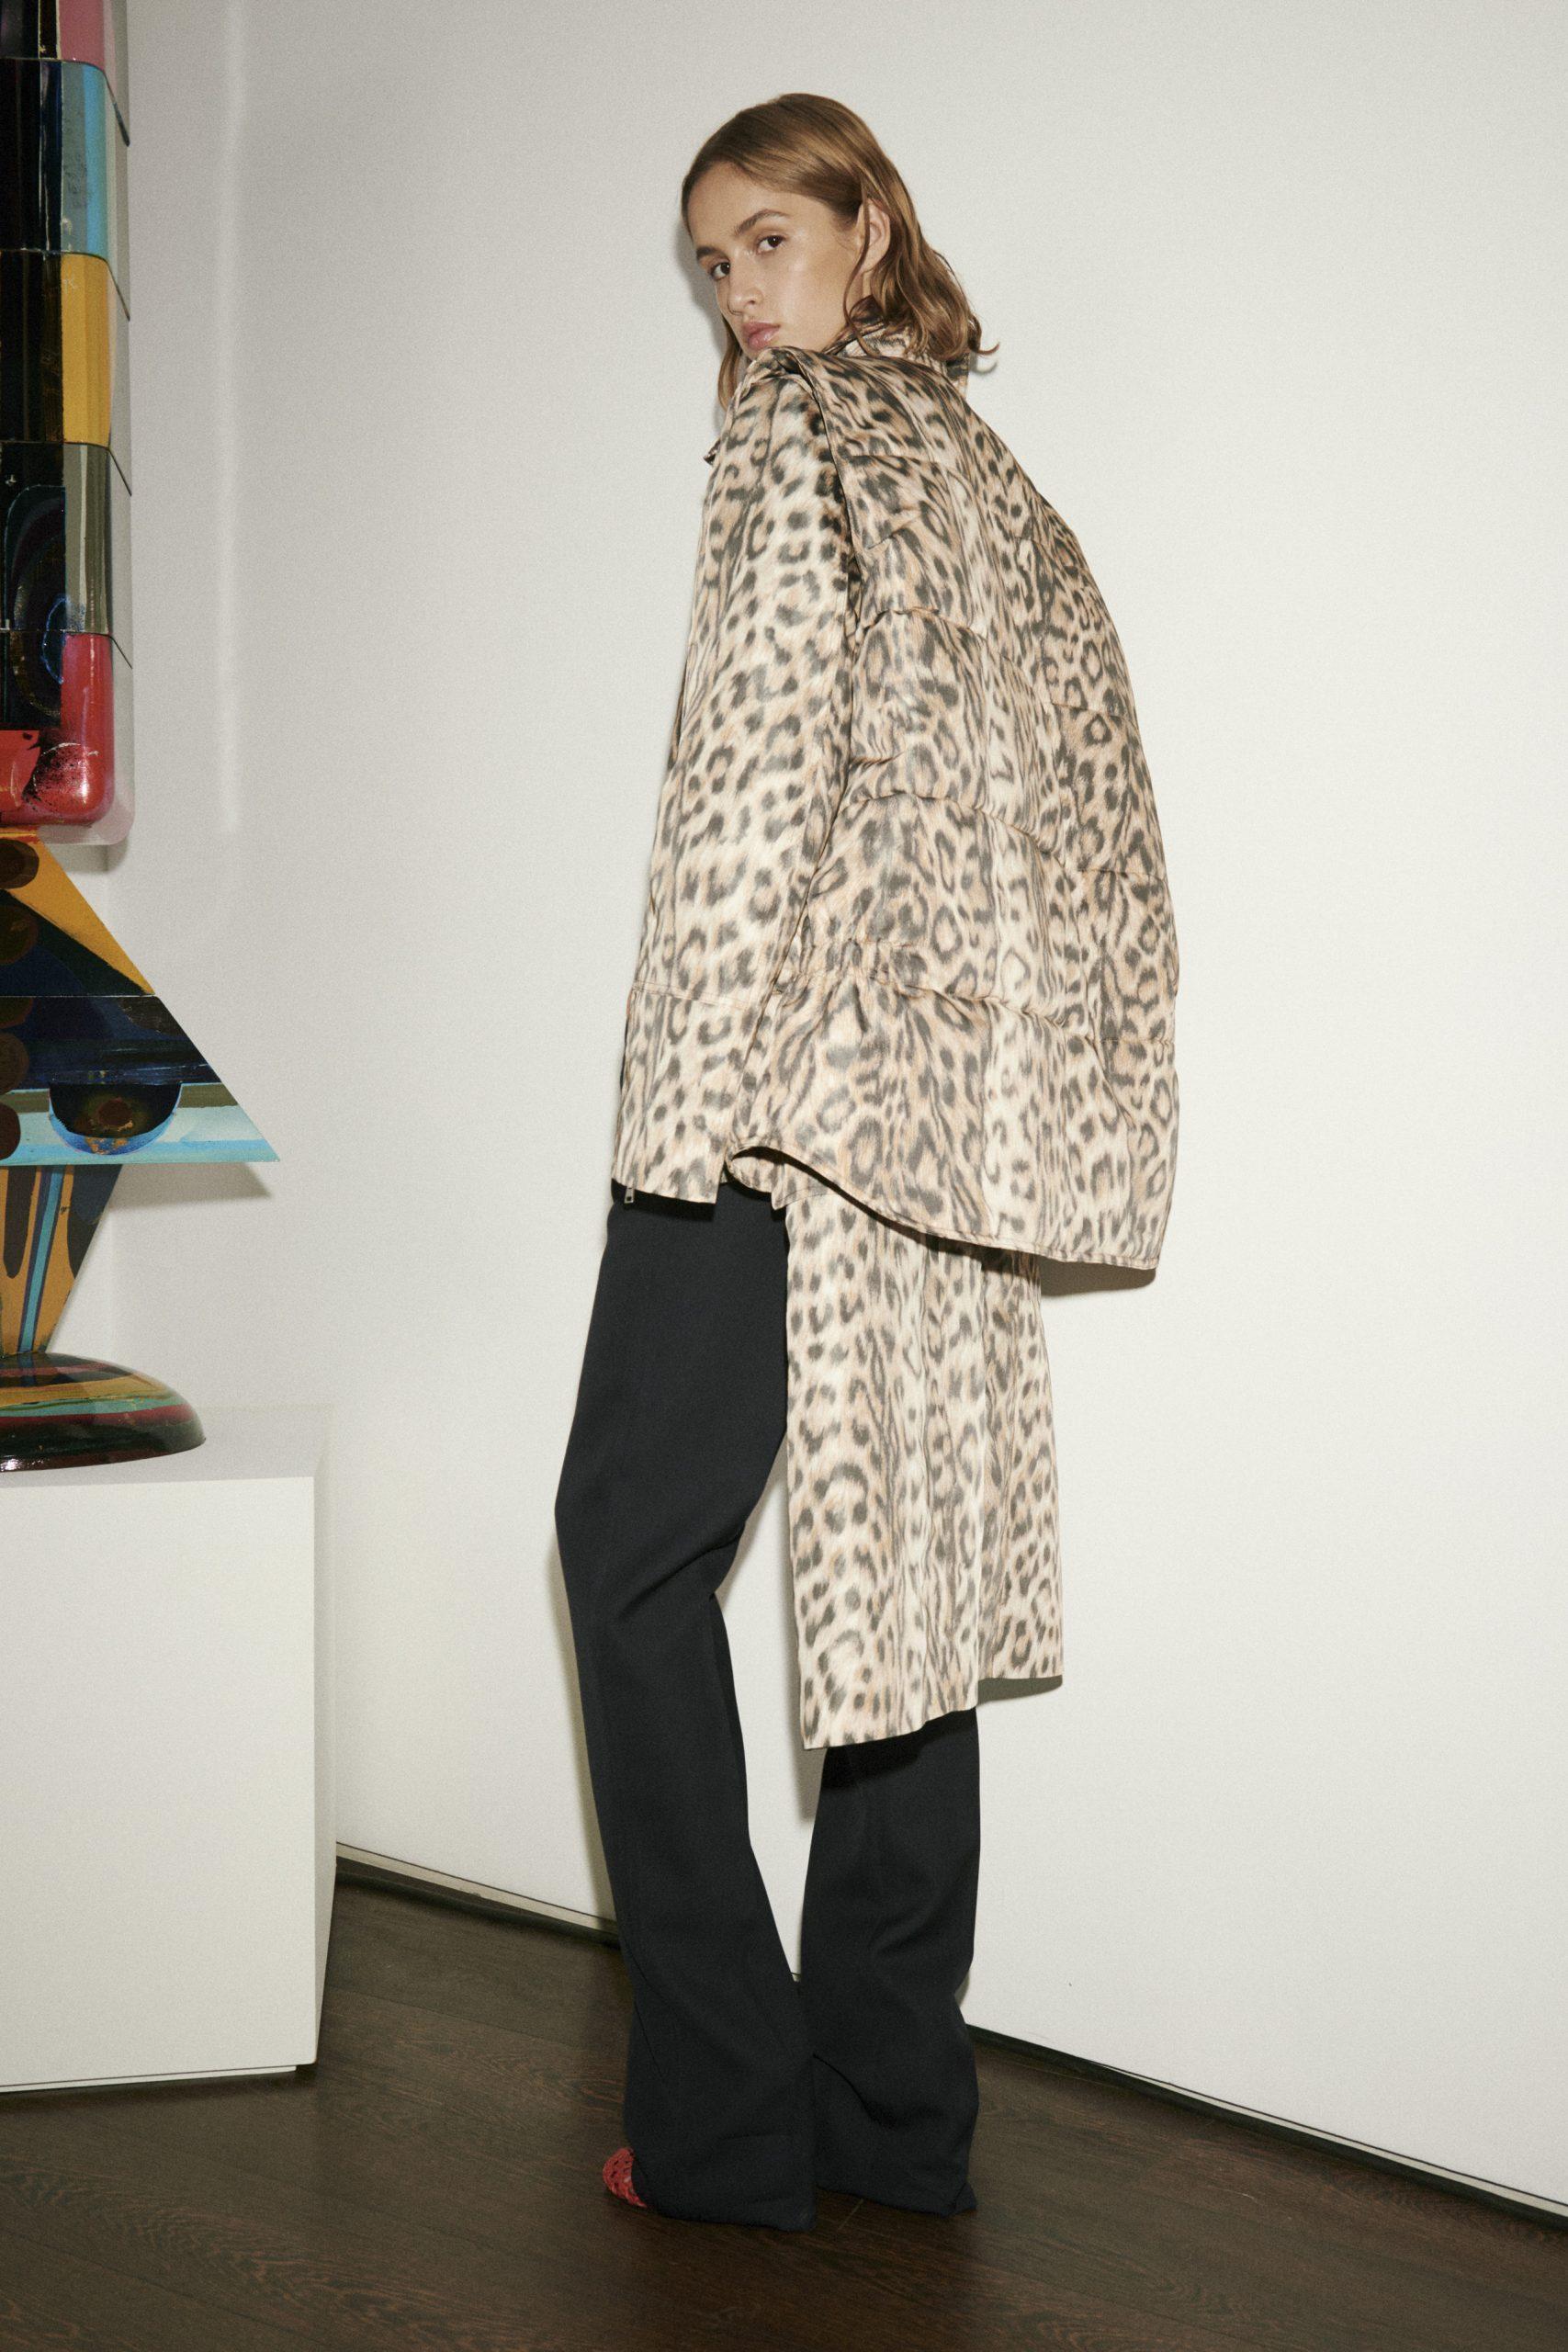 Виктория Бекхэм представила новую коллекцию в духе 70-х. Из гостей — только муж и дети